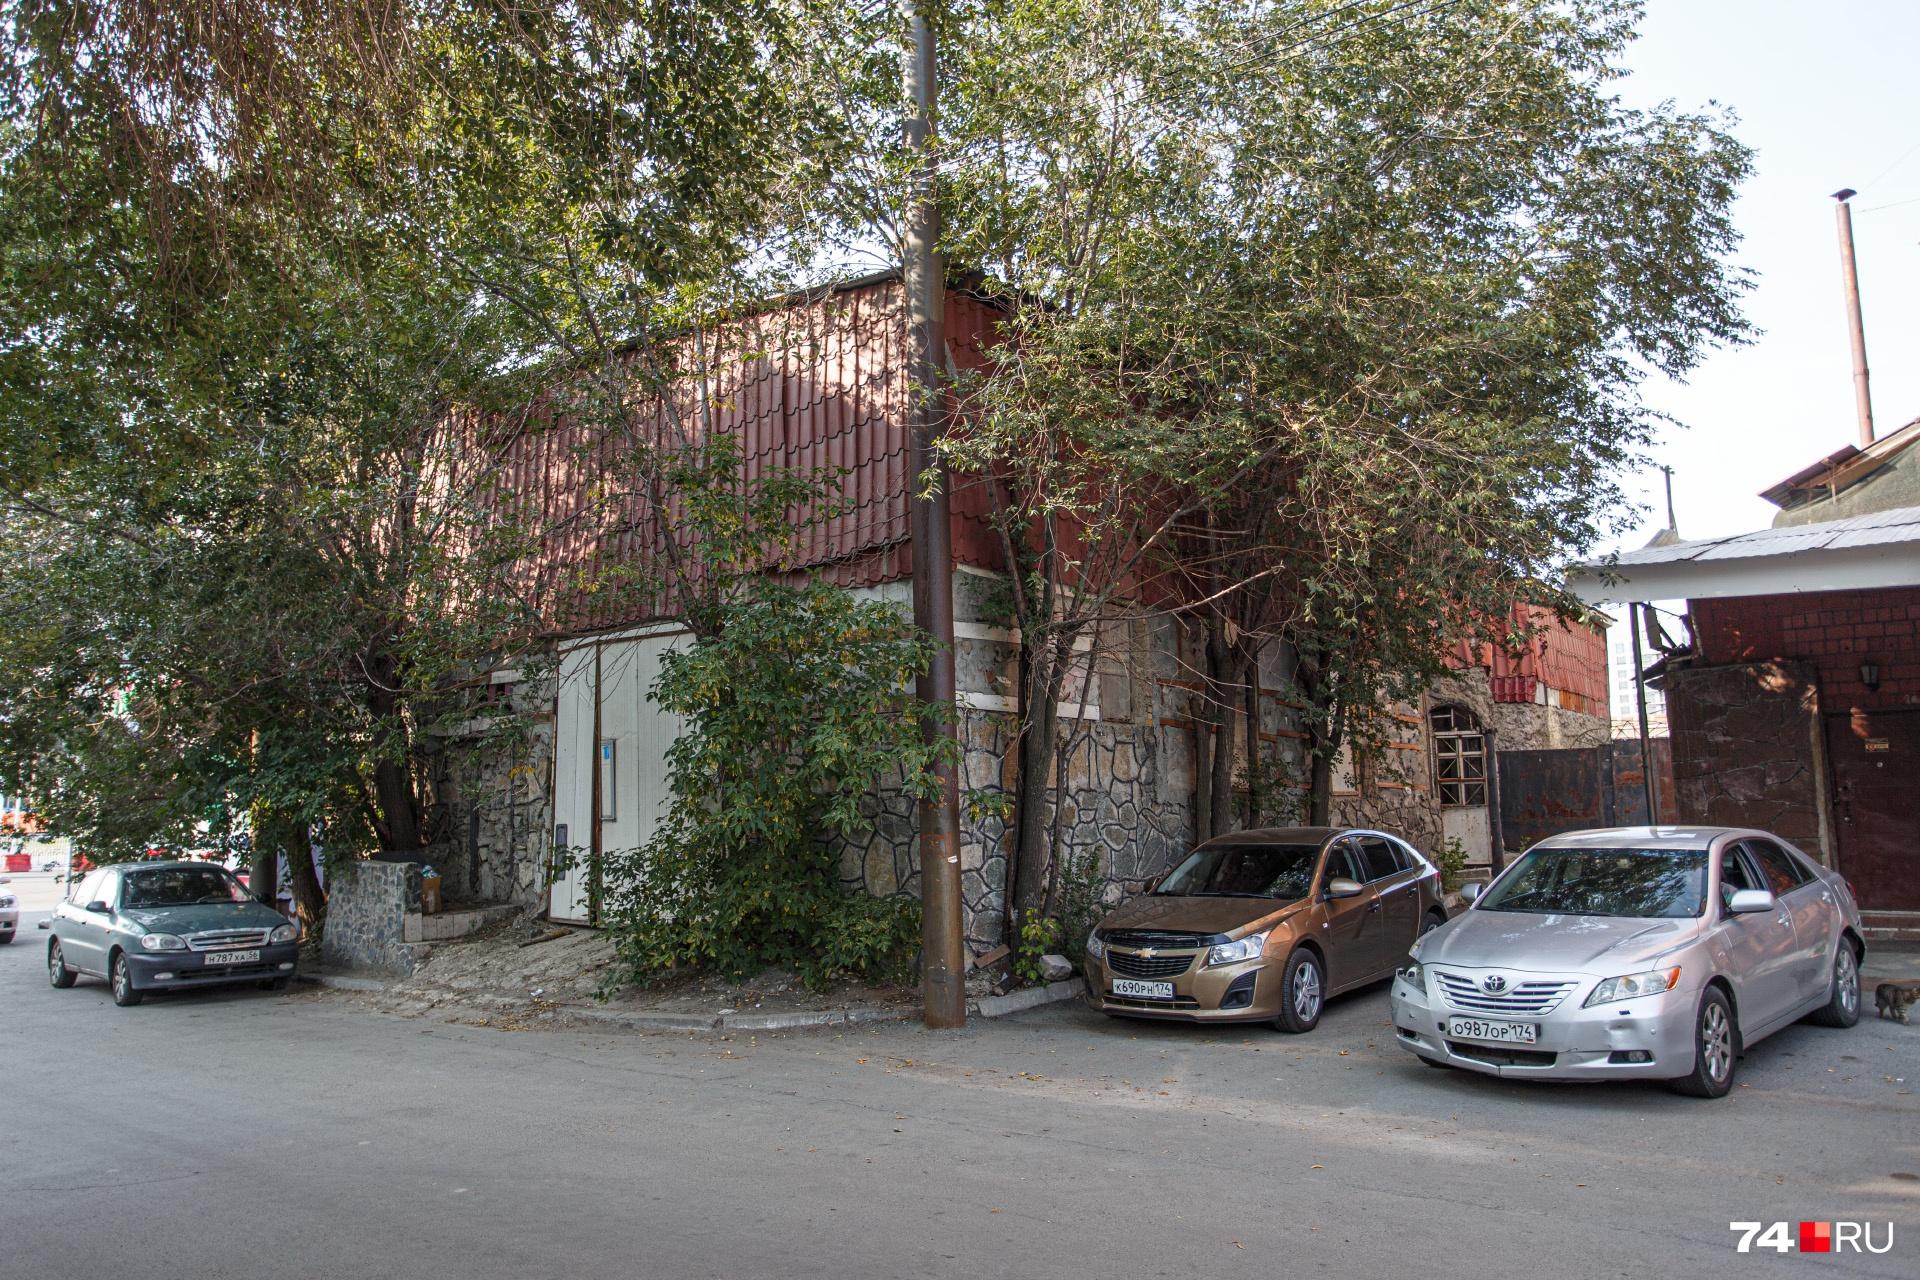 Рядом — гараж. Выполнен капитально, из камня